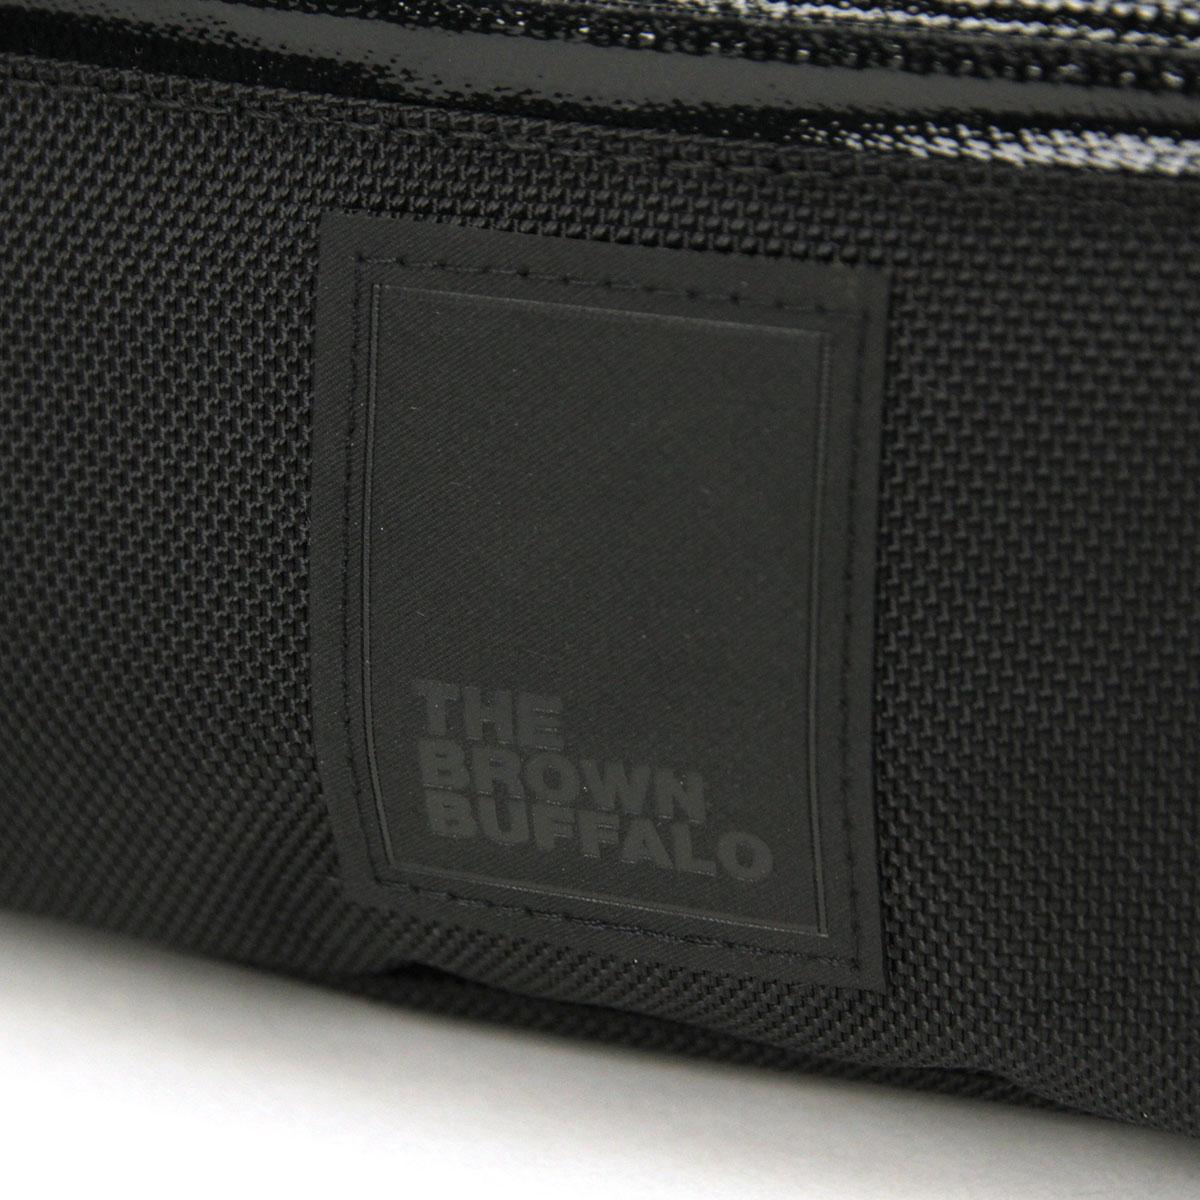 ザ ブラウン バッファロー バッグ メンズ レディース 正規販売店 THE BROWN BUFFALO ショルダーバッグ BEYONDSLING BALLISTIC BLACK S19BS1680BLACK AA7B B3C C8D D4E E13F